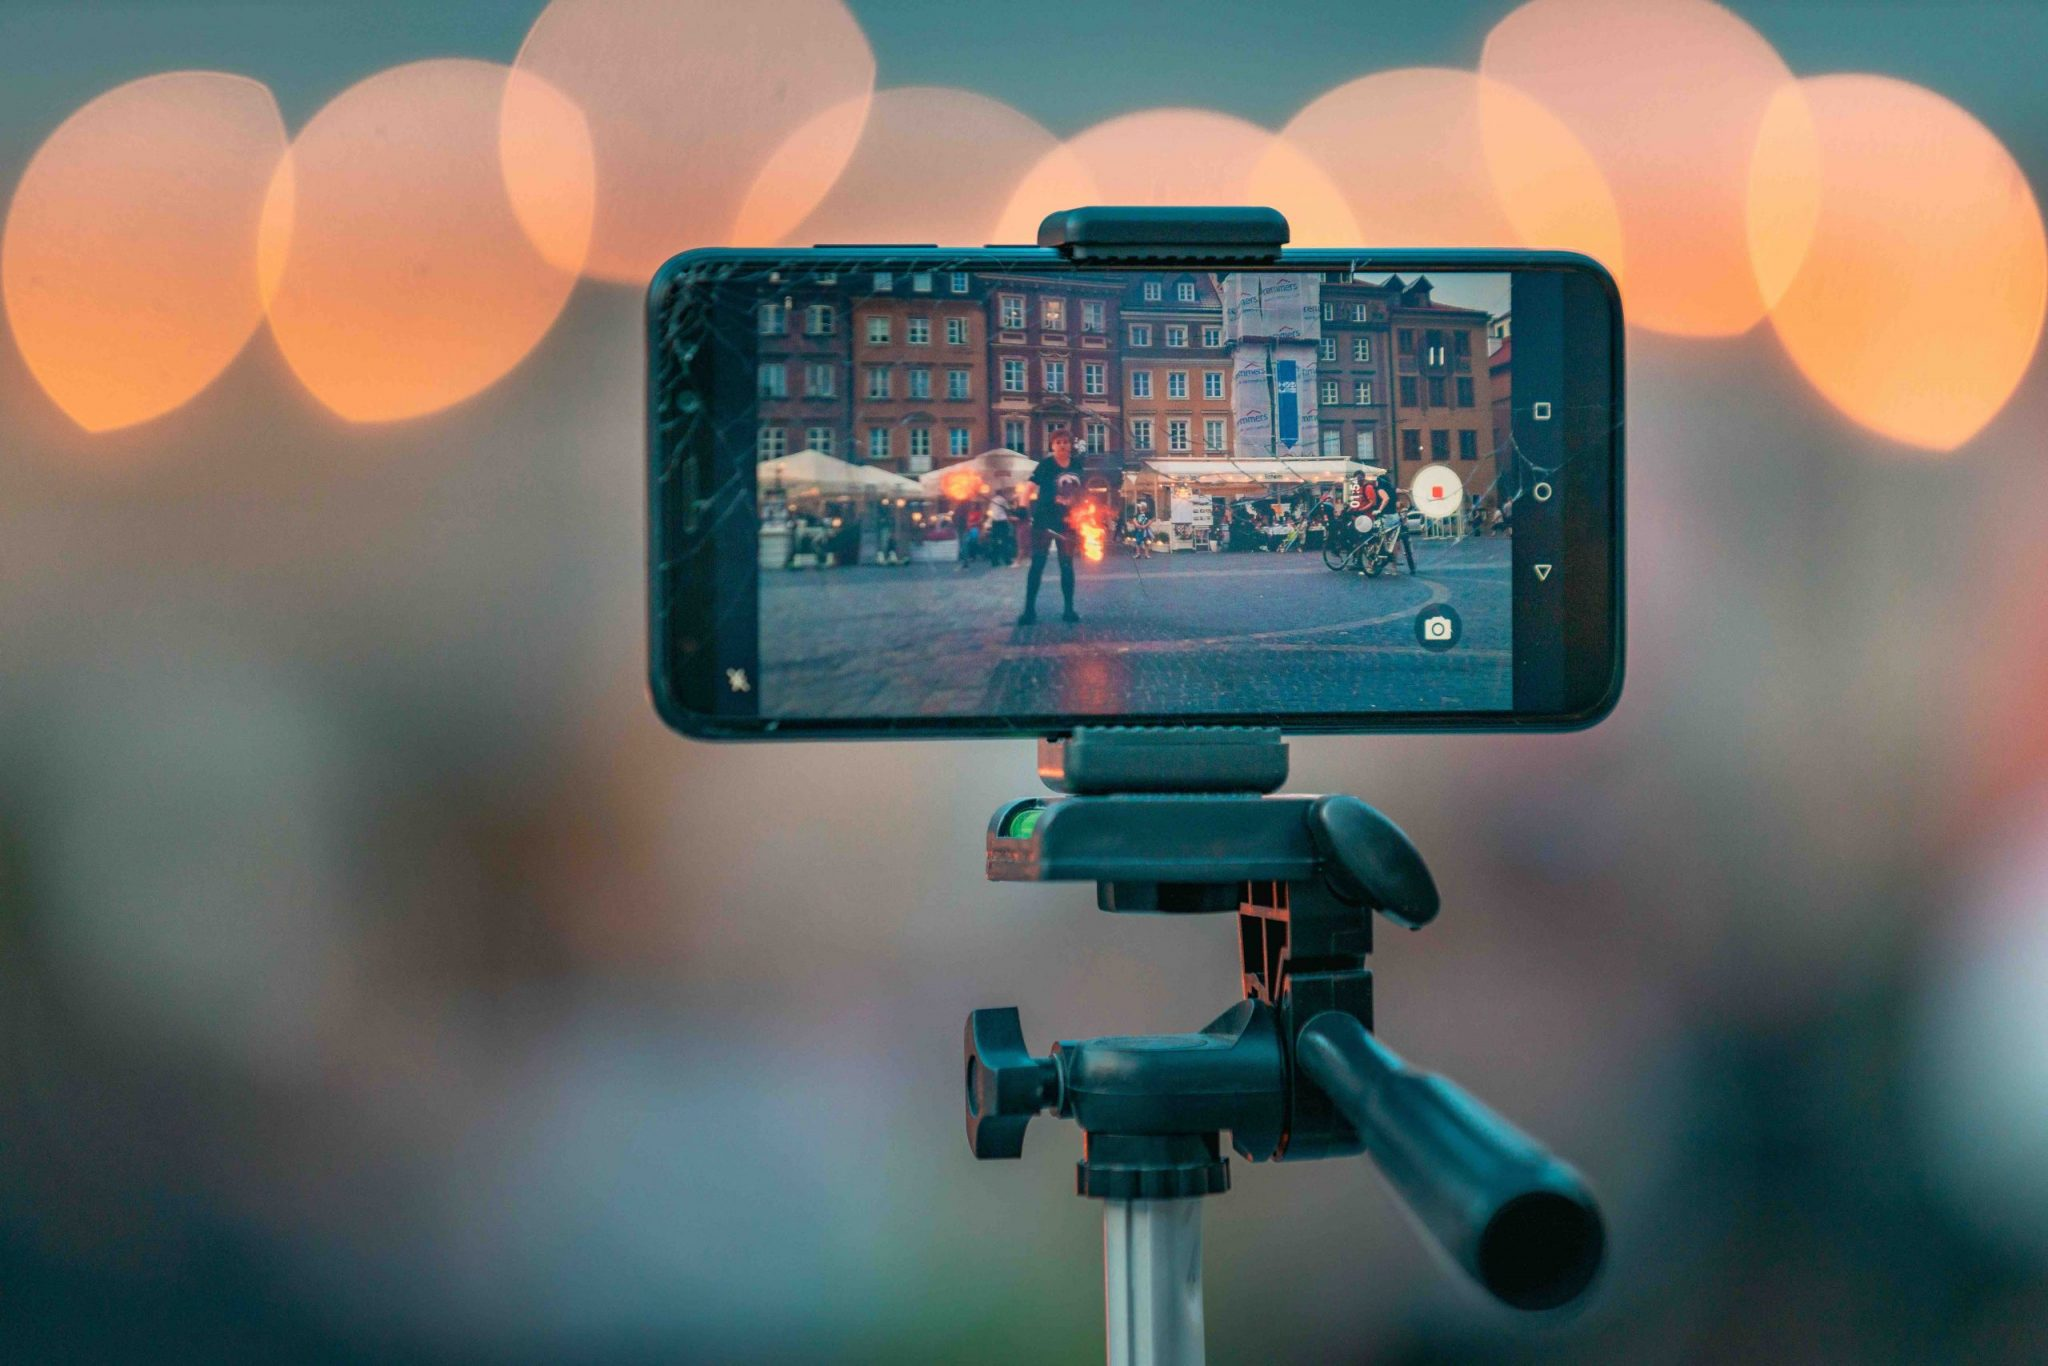 produrre più contenuti: smartphone